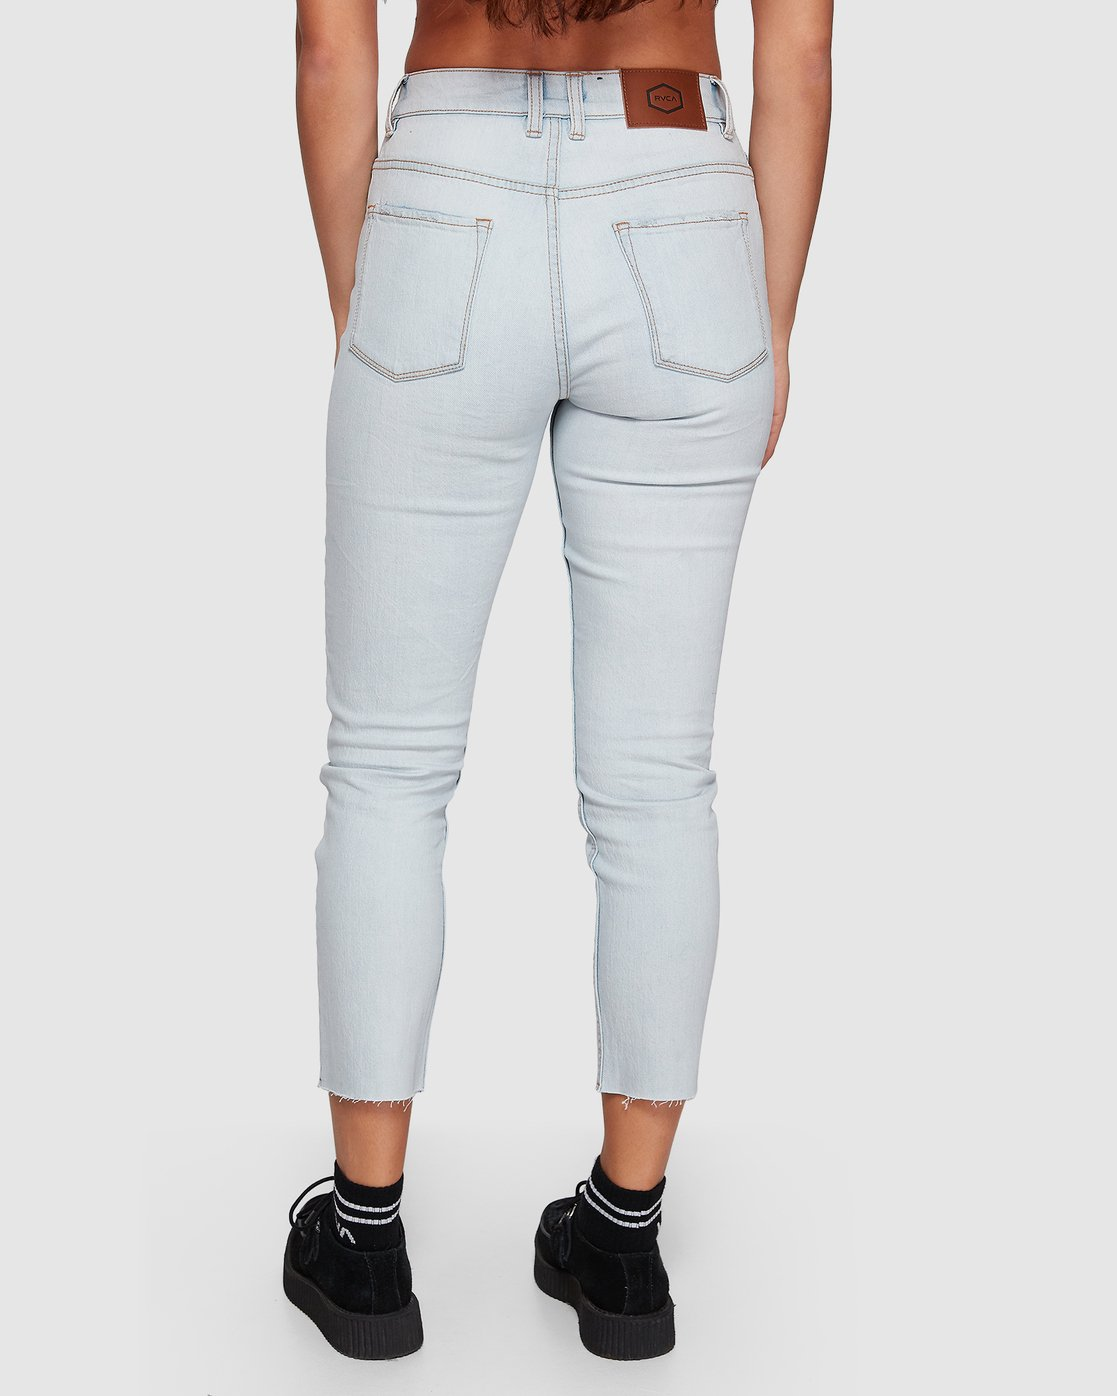 4 Smitten Jean Pants - Bleachout White R207222 RVCA